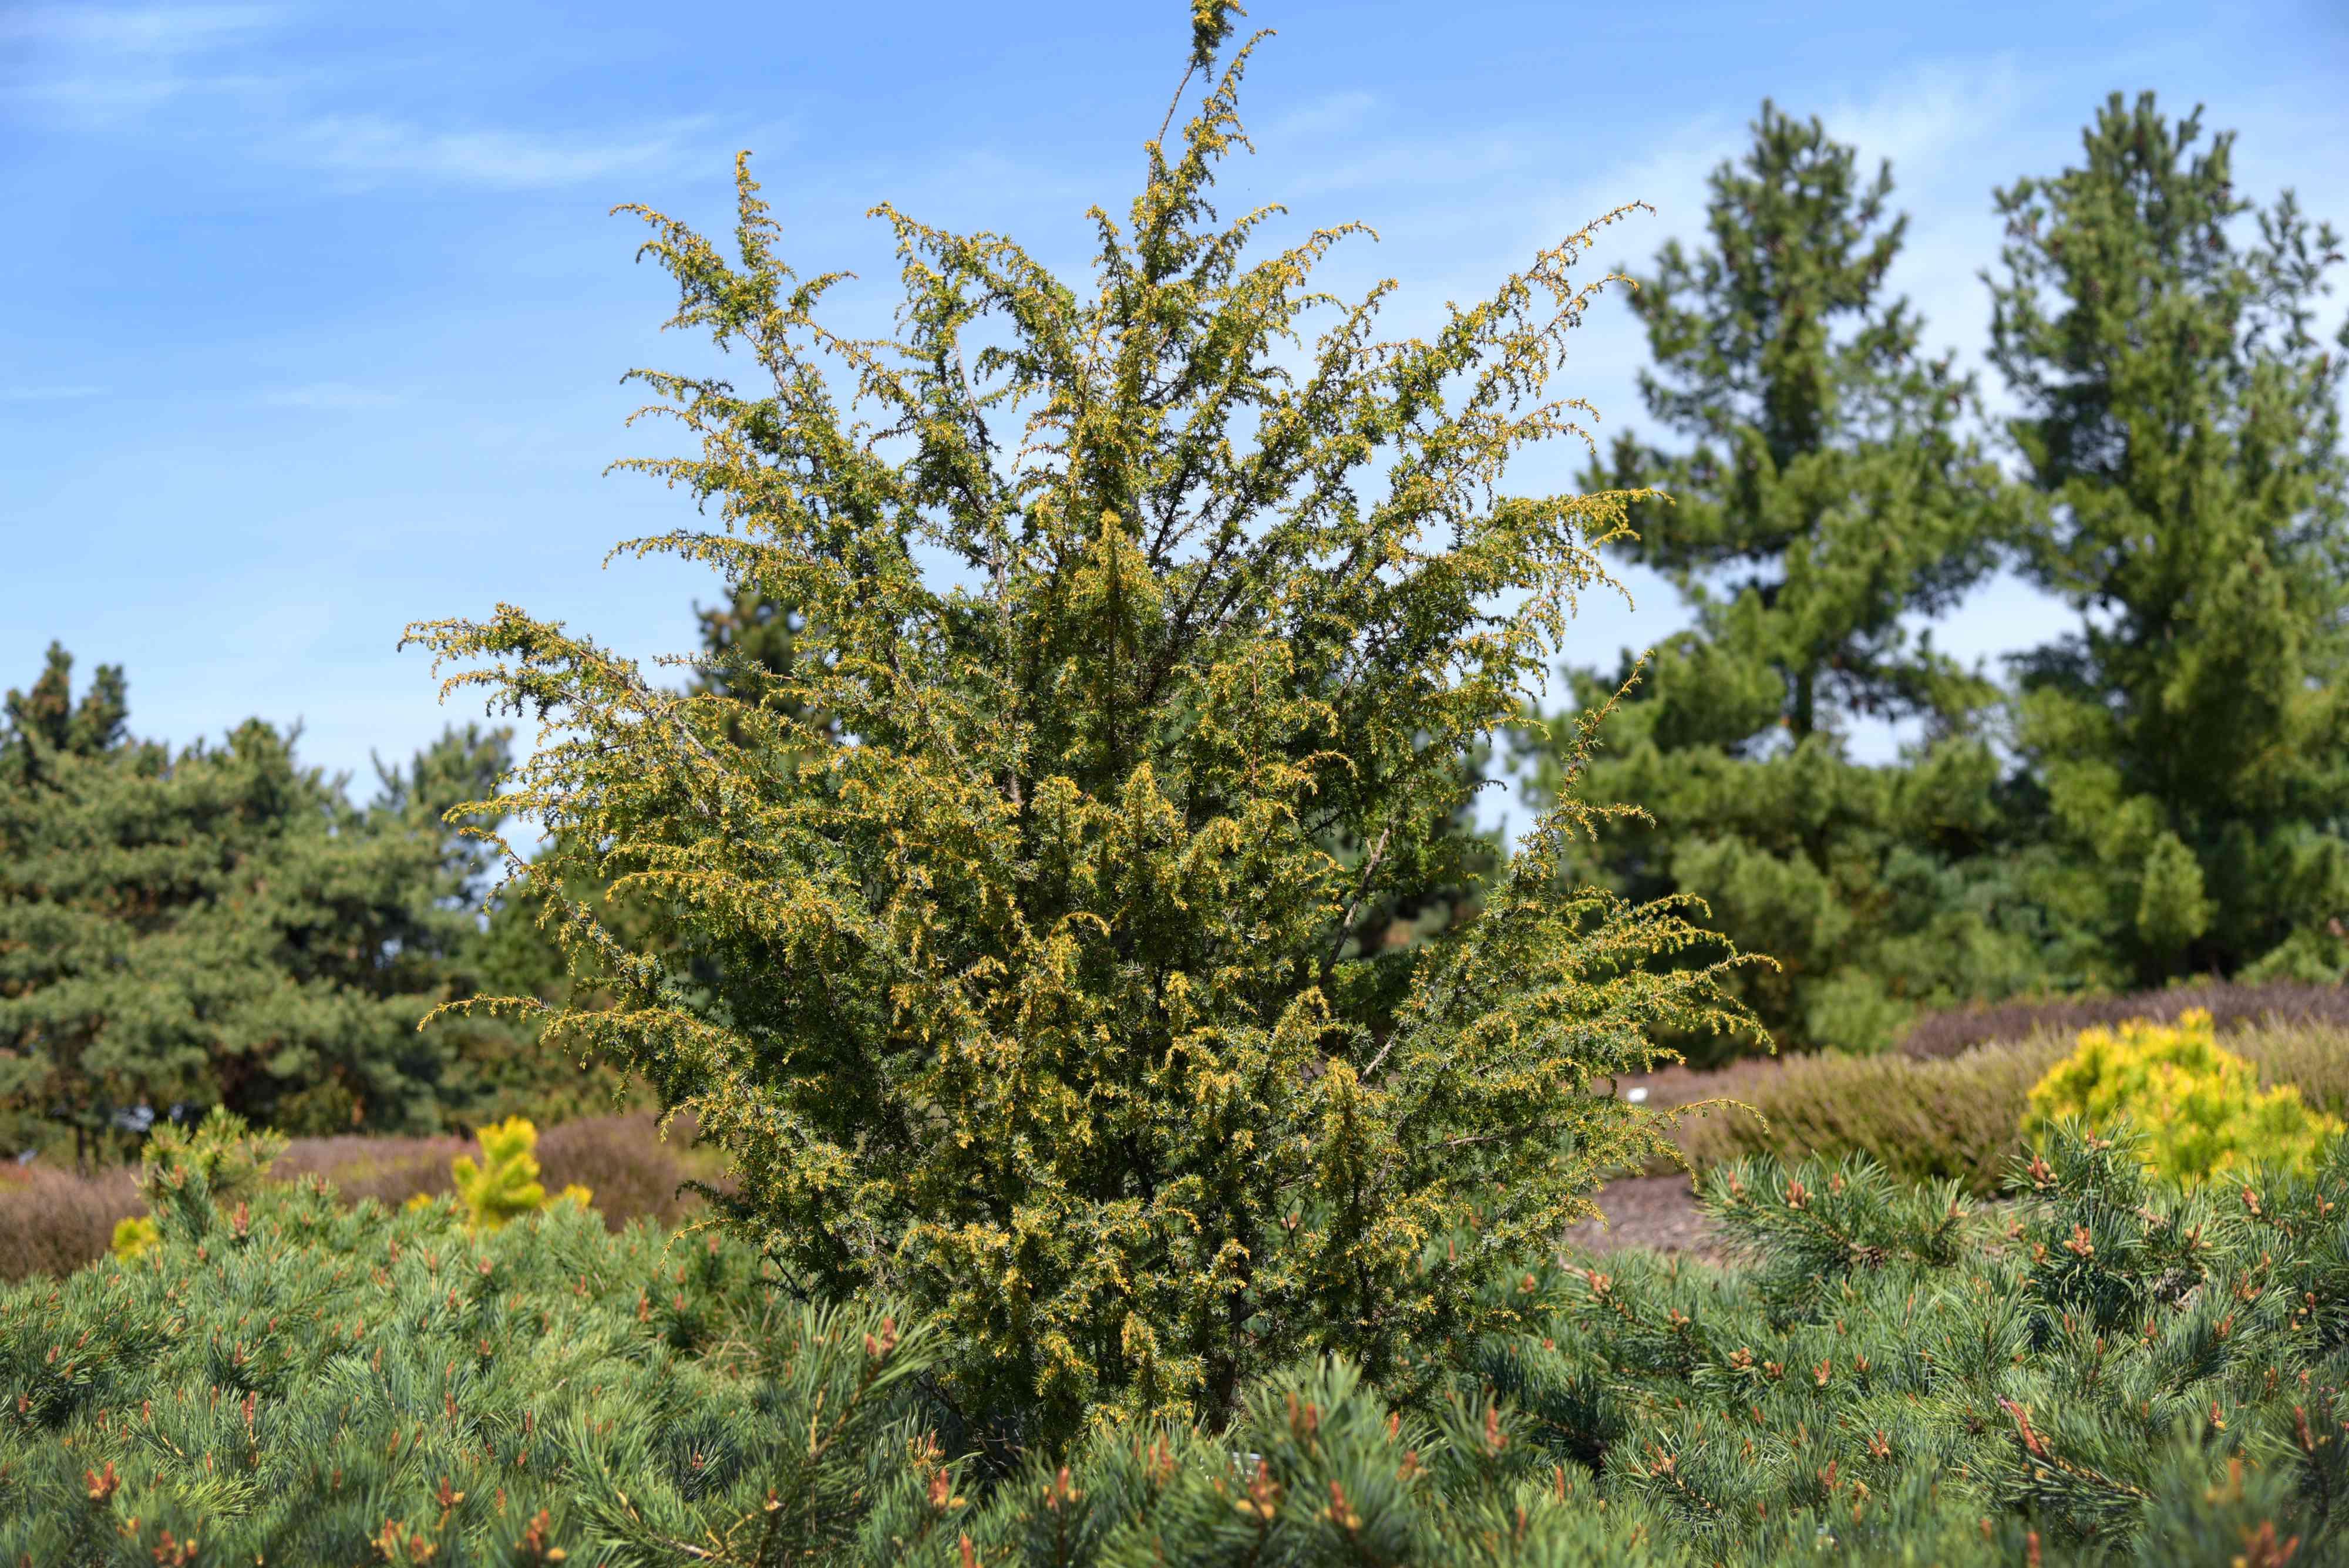 Common juniper 'schneverdinger goldmachangel' with sprawling branches